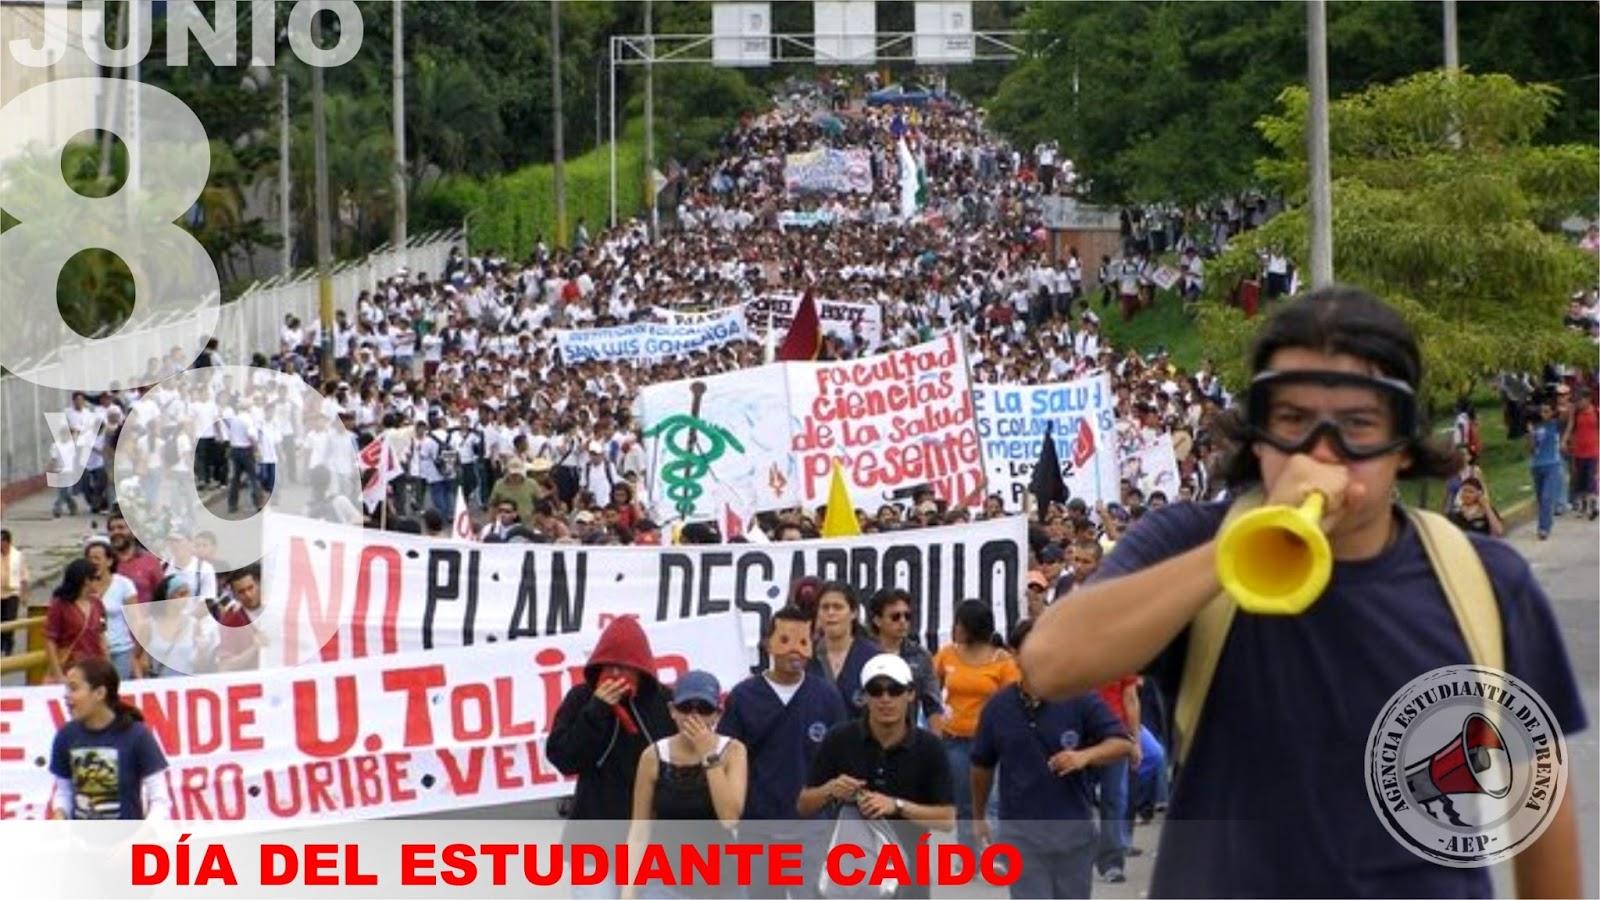 Efemérides en Colombia